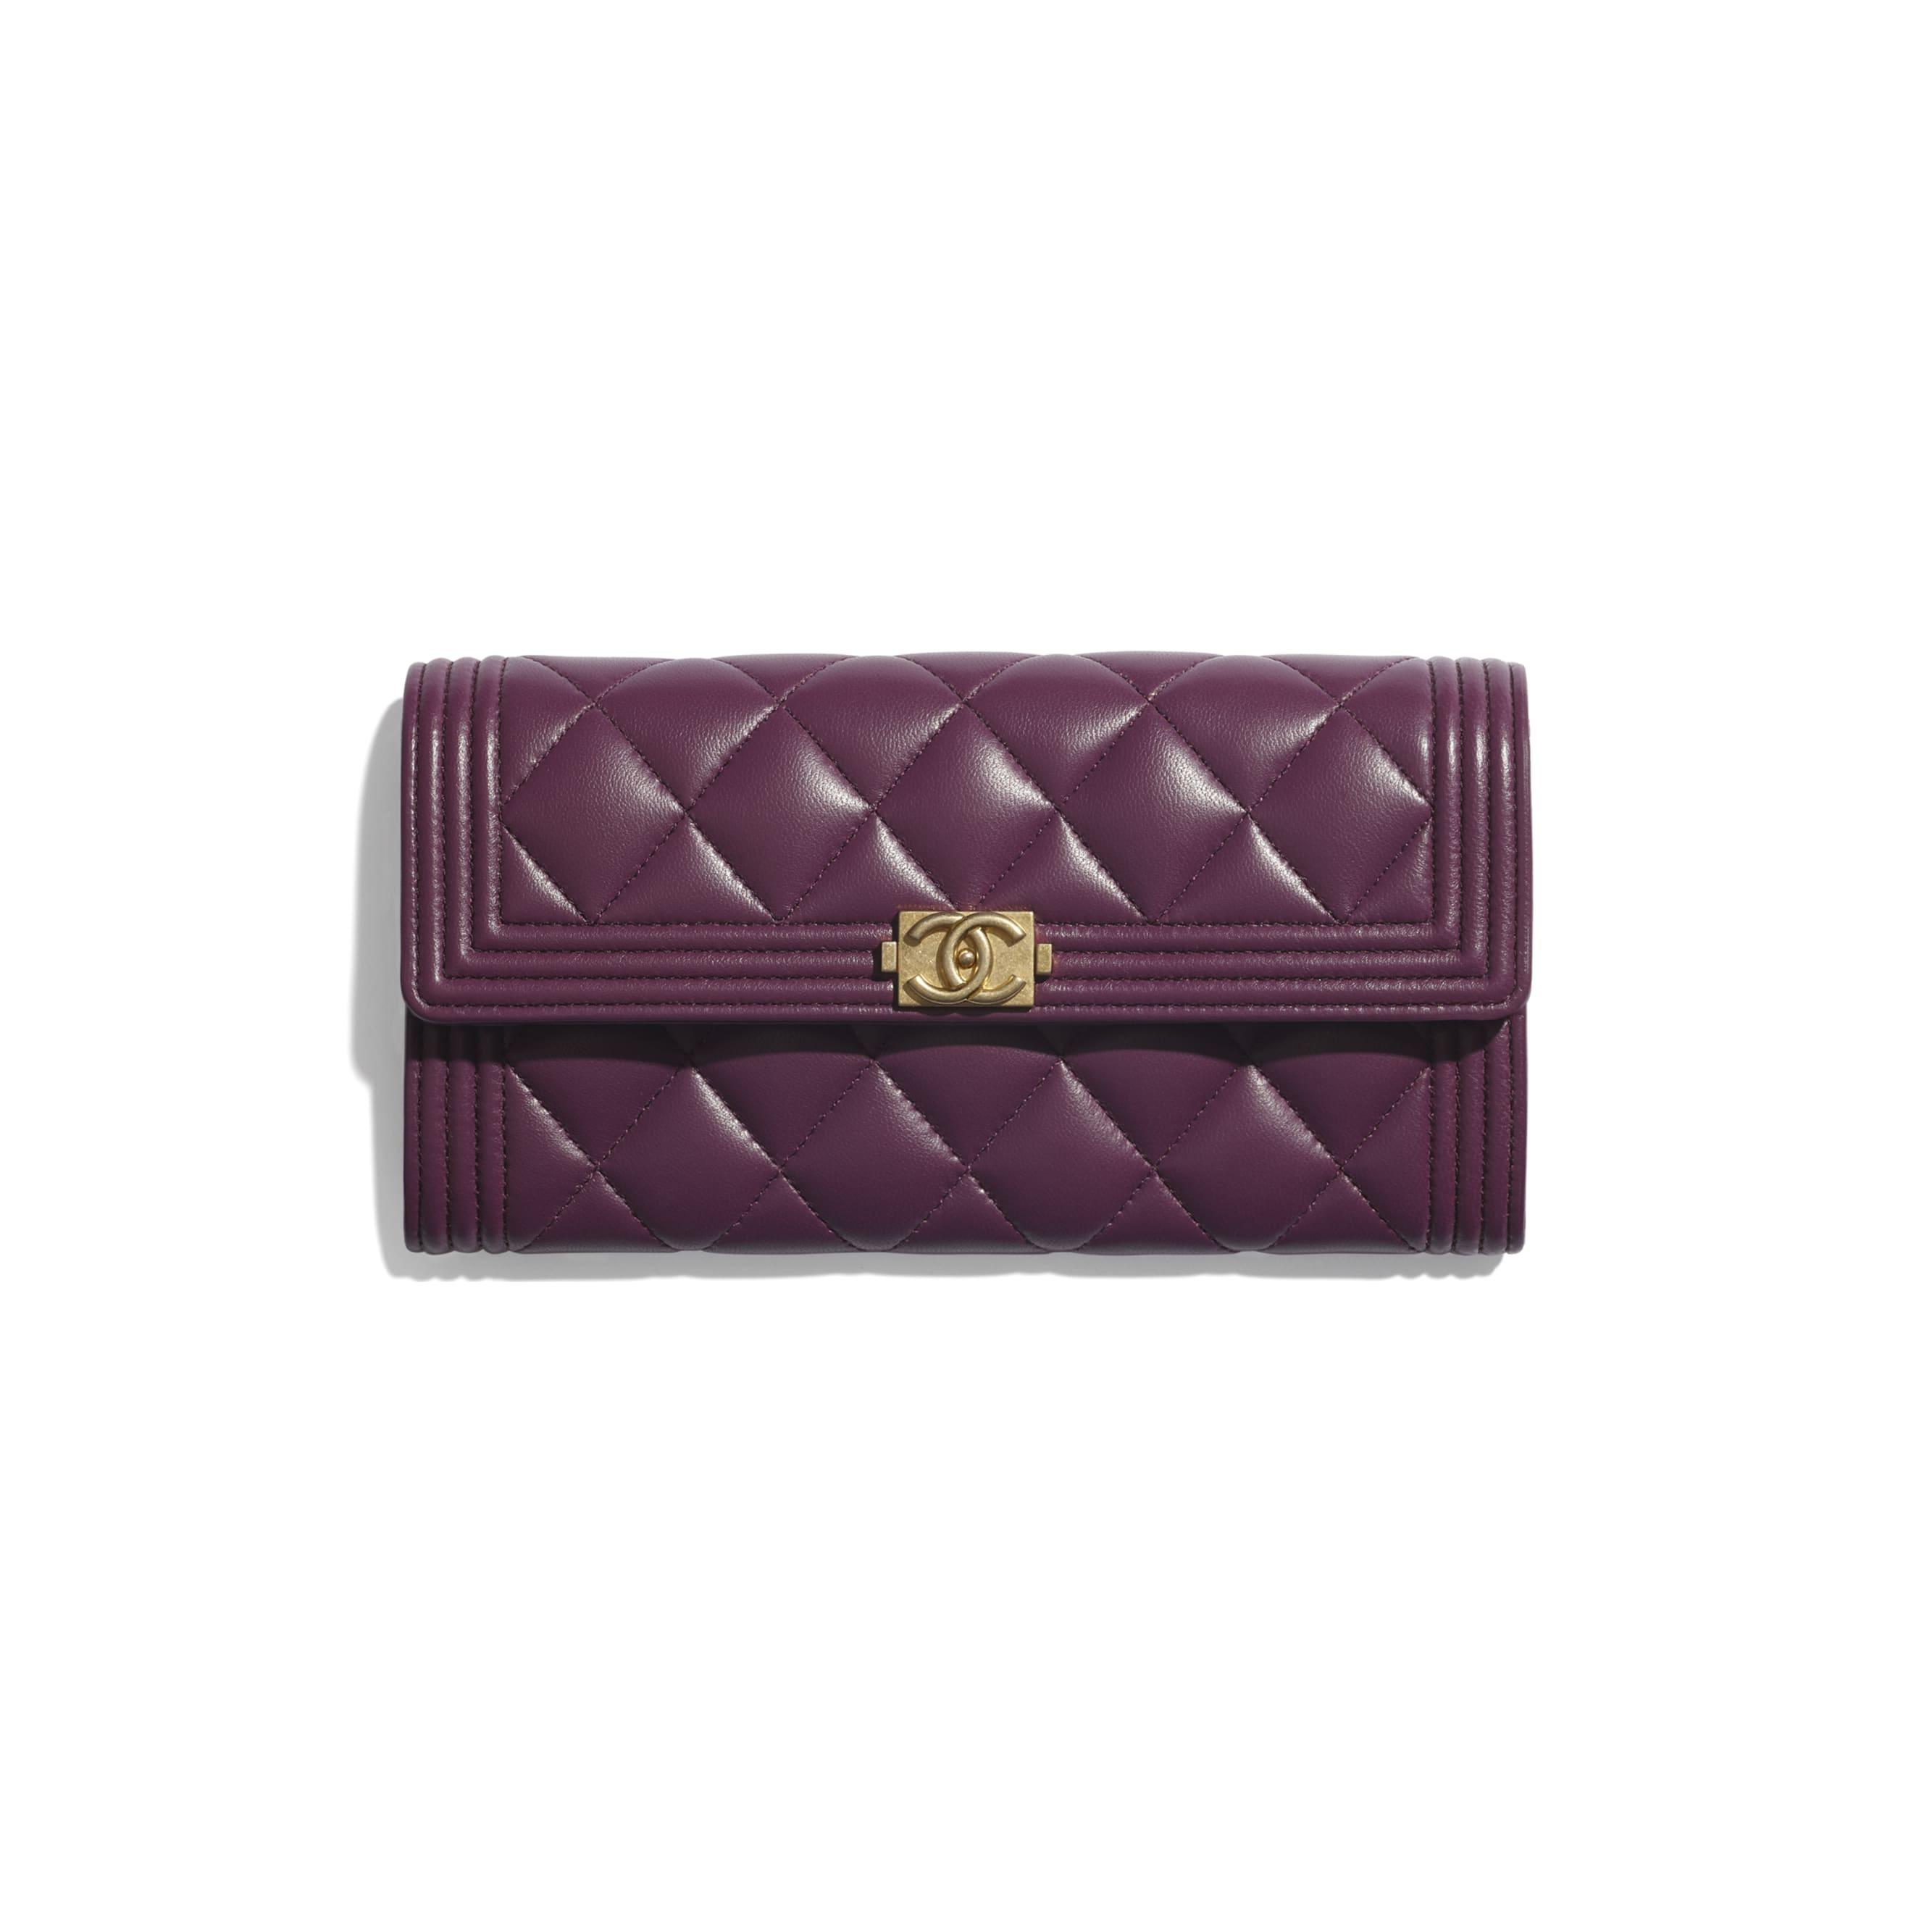 Długi portfel BOY CHANEL z klapką - Kolor fioletowy - Skóra jagnięca i metal w tonacji złotej - CHANEL - Widok domyślny – zobacz w standardowym rozmiarze